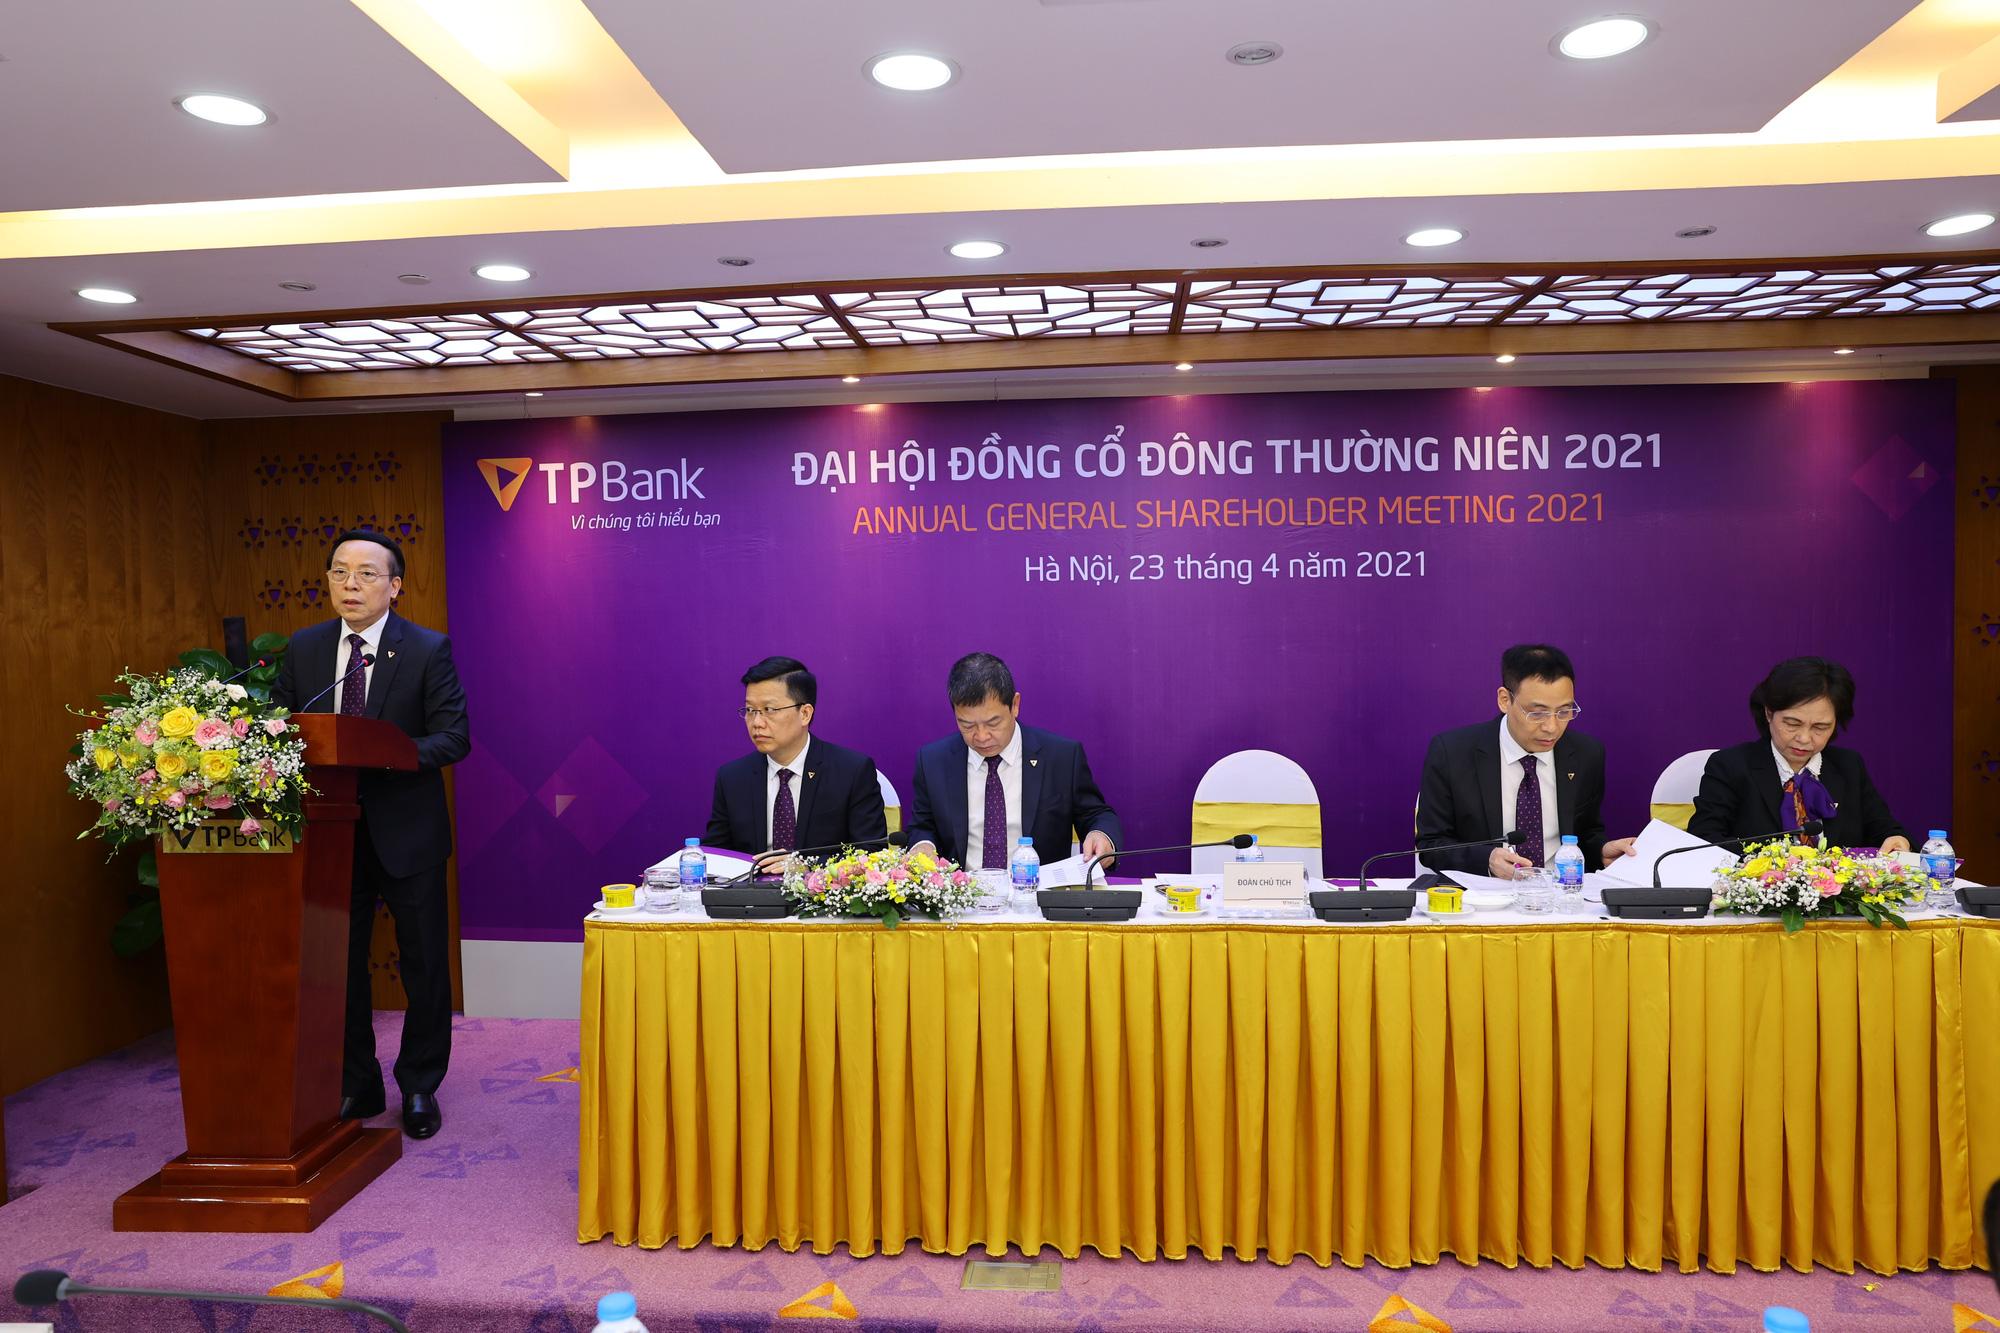 ĐHĐCĐ TPBank 2021: Ngân hàng số giúp TPBank vượt qua giai đoạn khó khăn vì Covid-19 - Ảnh 2.